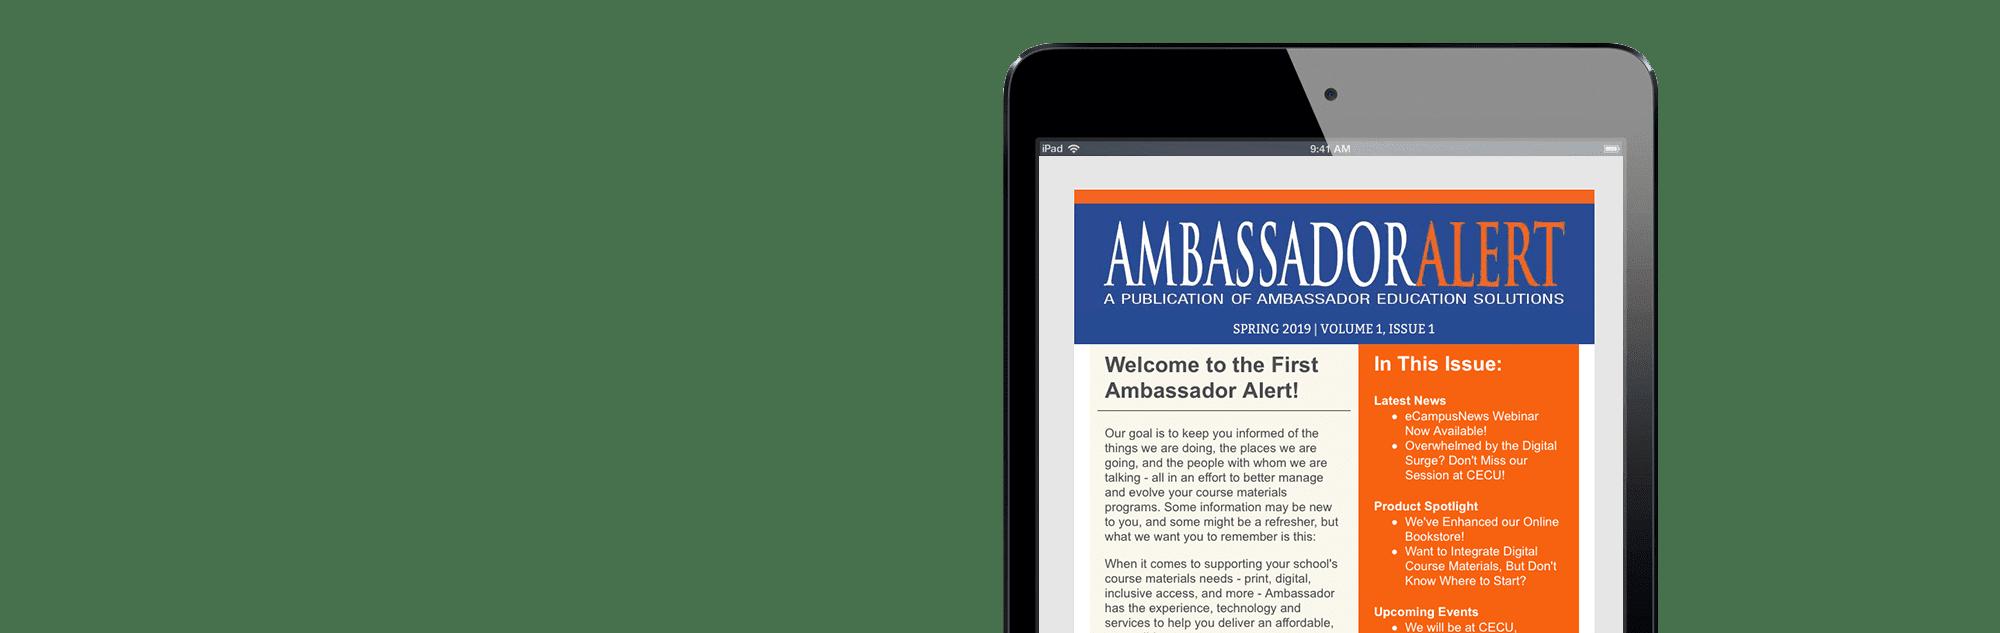 Ambassador Alert Slide